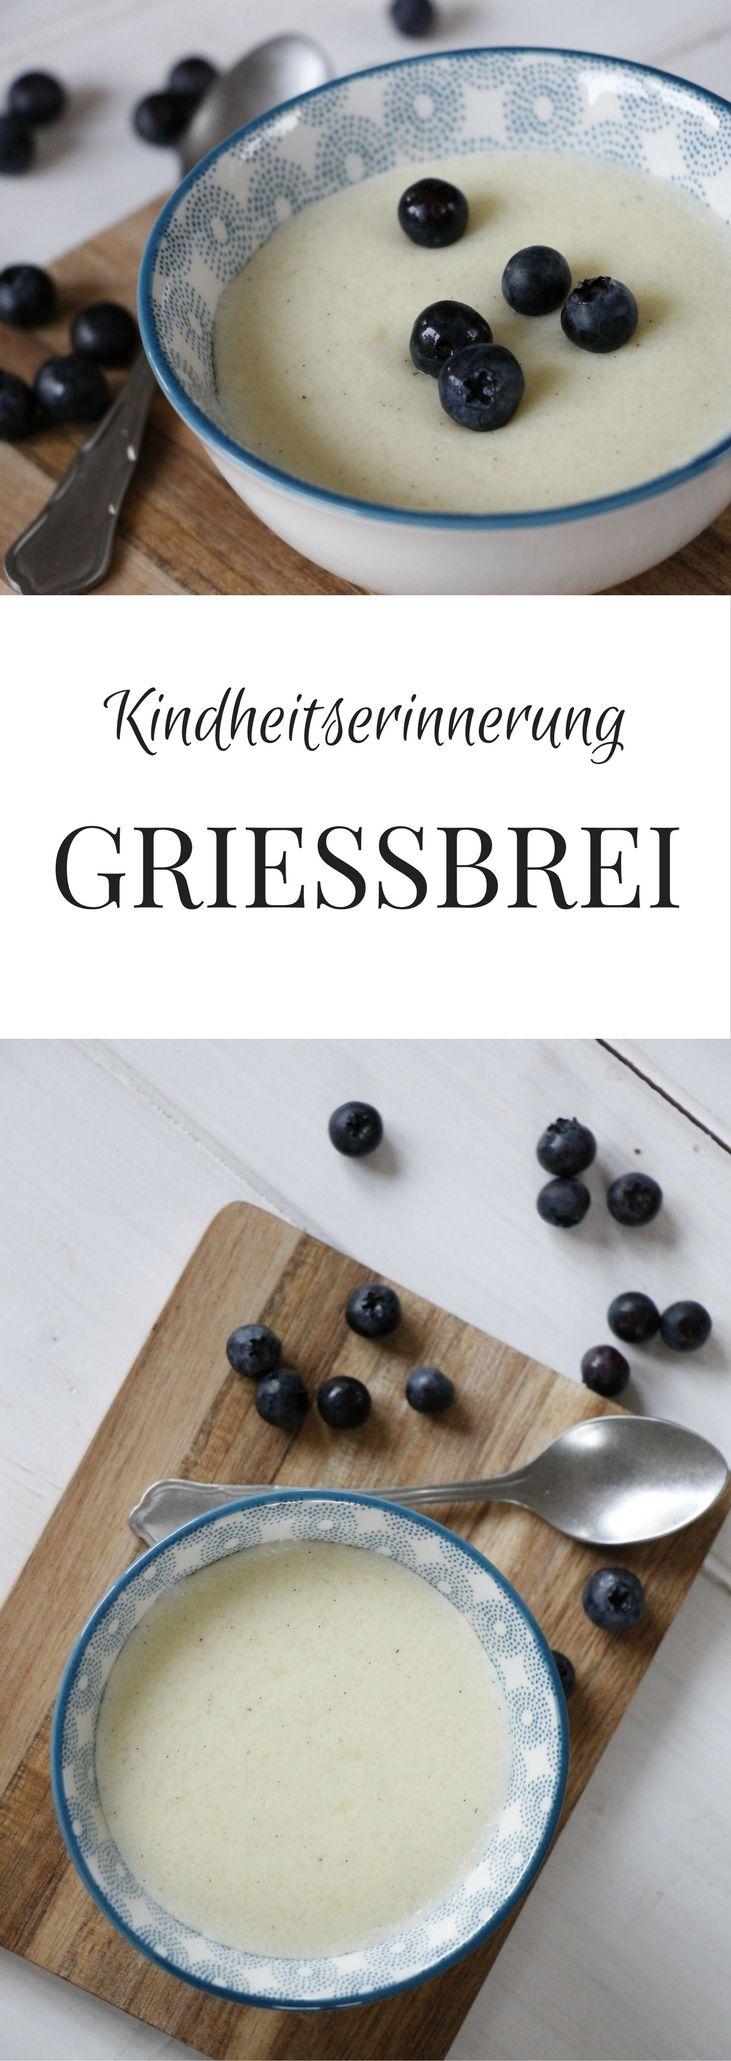 Grießbrei Rezept Einfach Und Lecker Desserts Pinterest